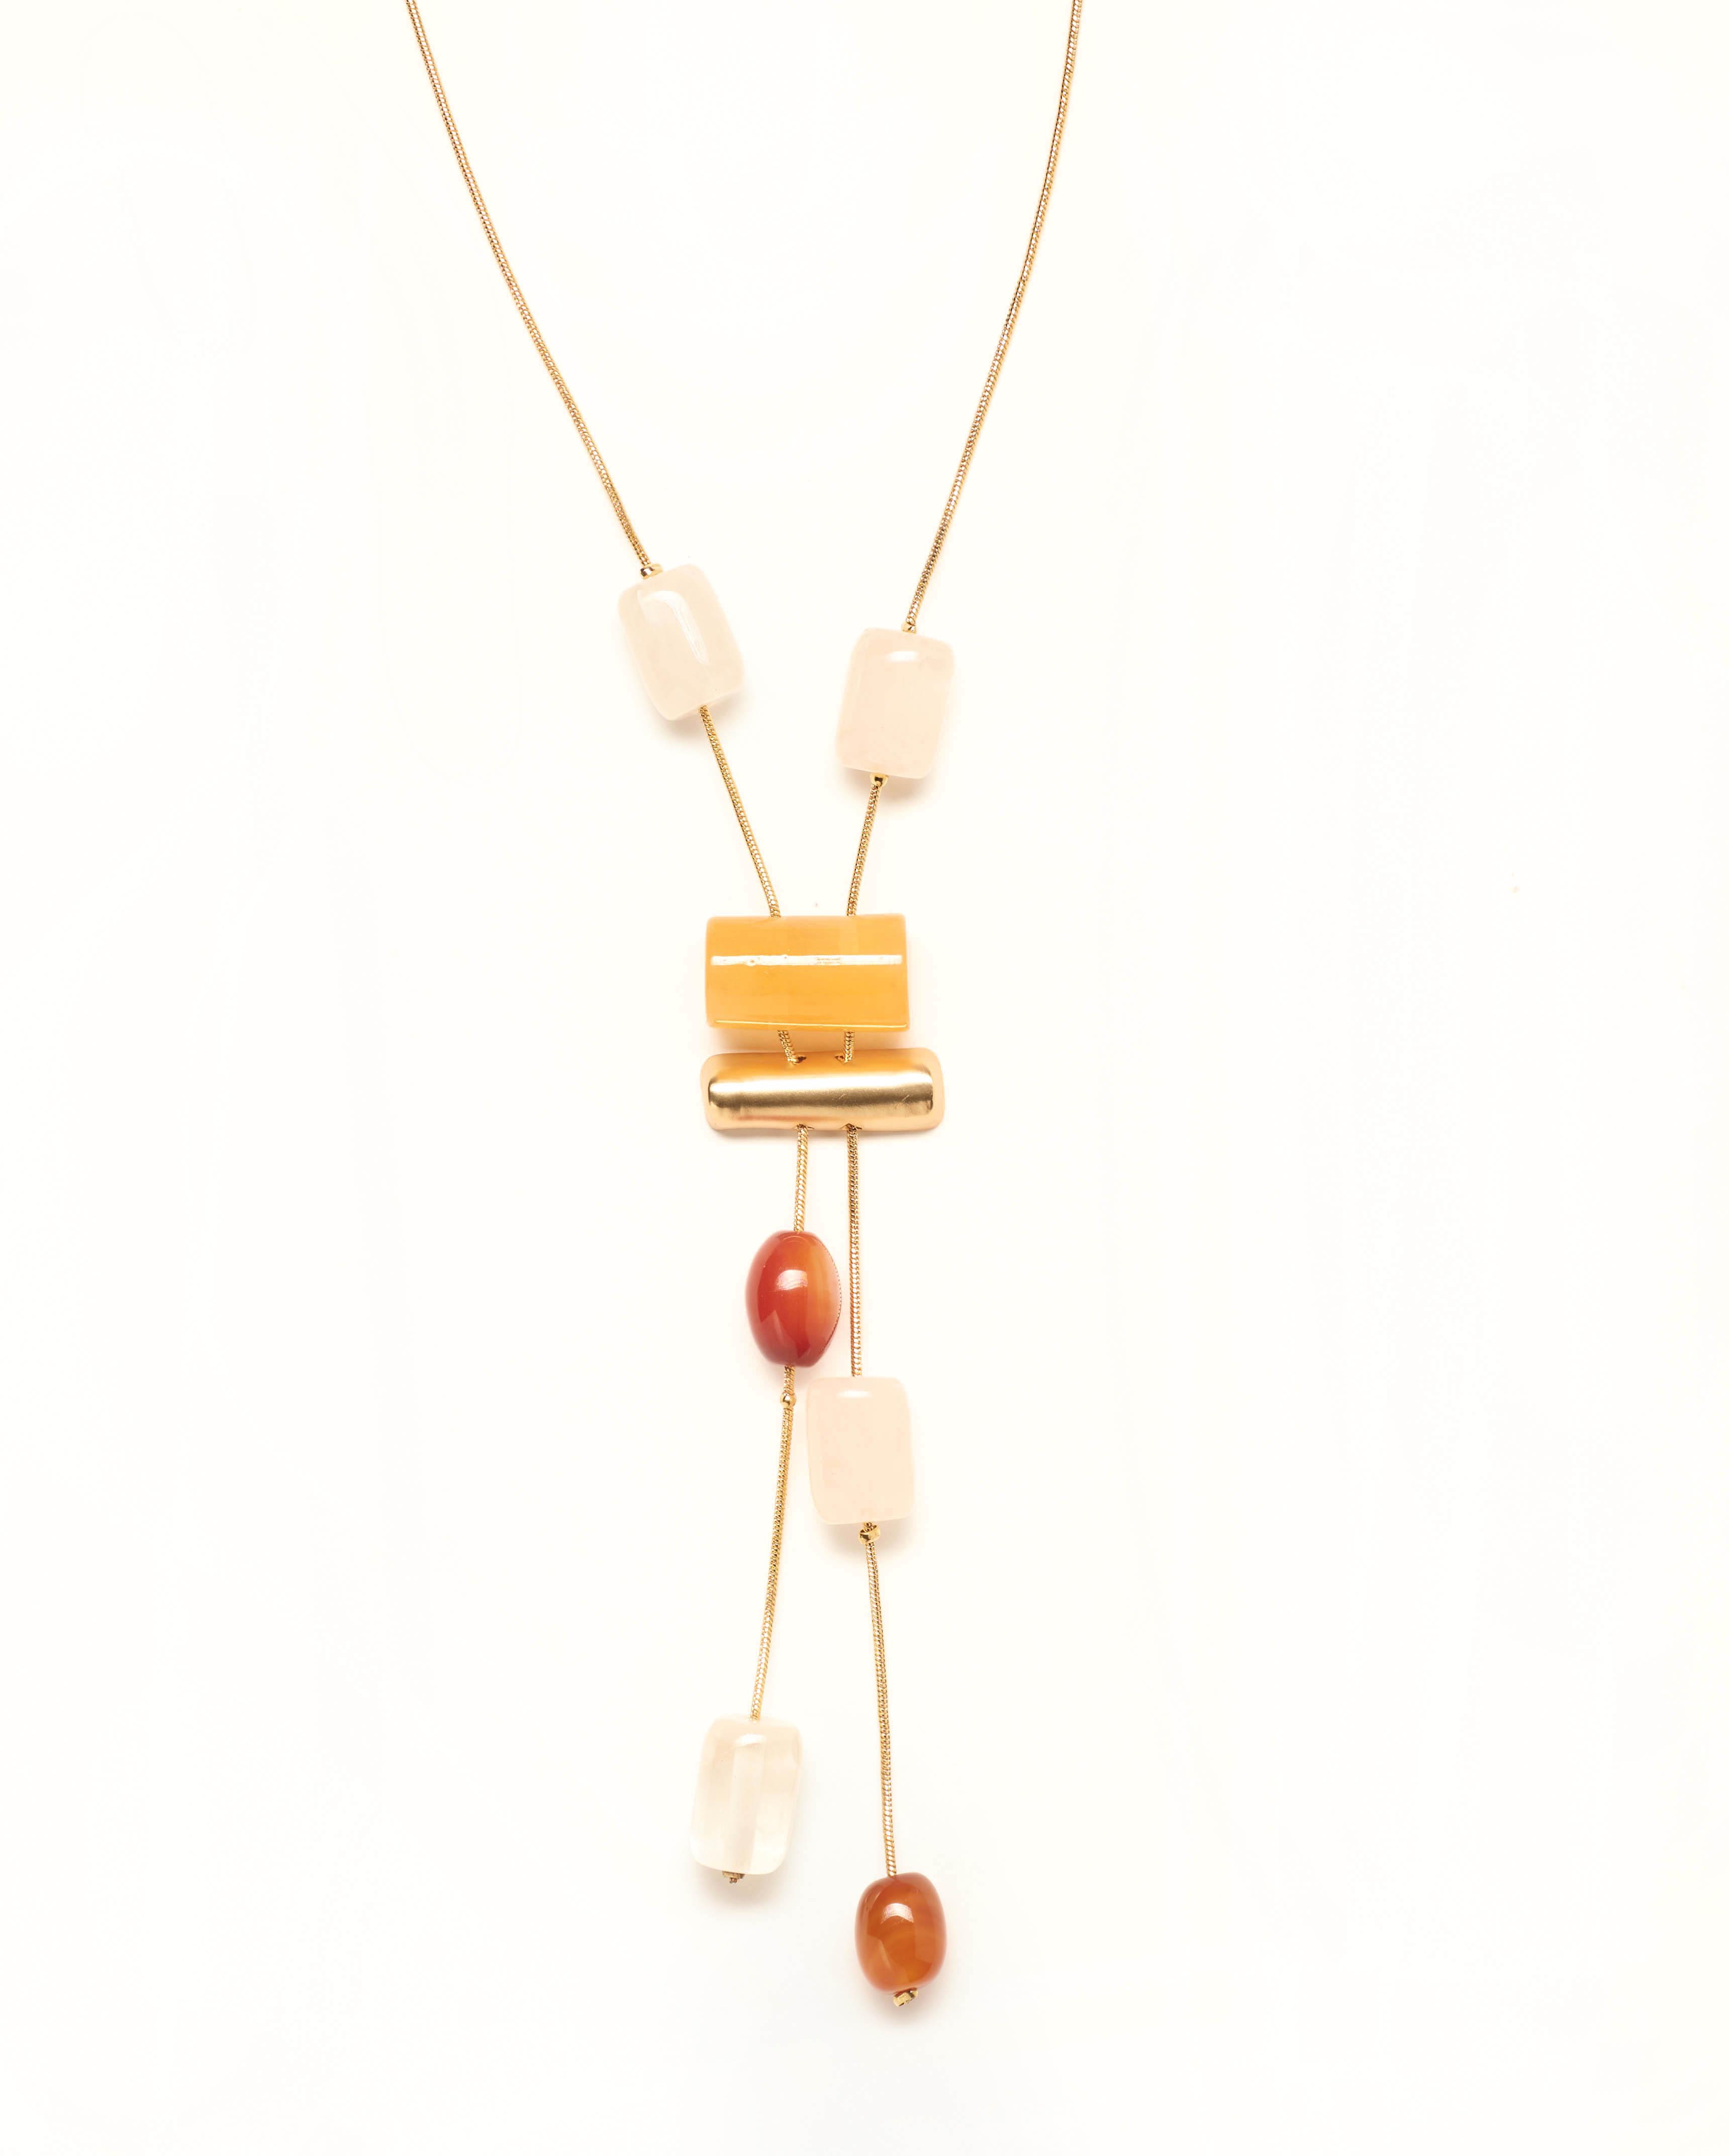 Bijoux Femme - Sautoir Or Jina - 36233